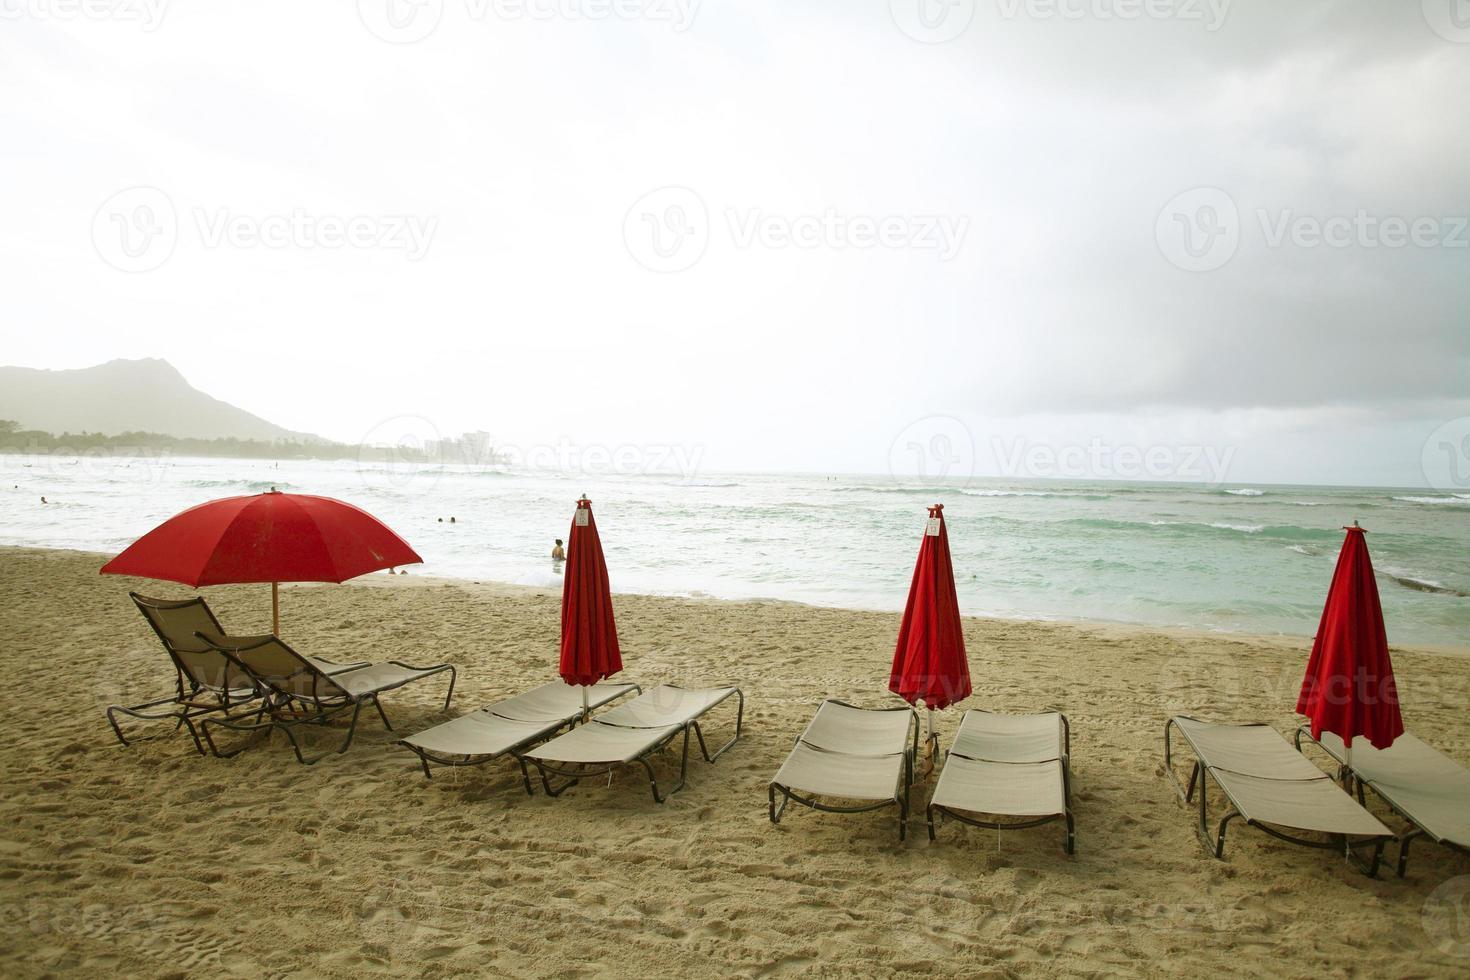 Liegestühle in Waikiki Beach foto